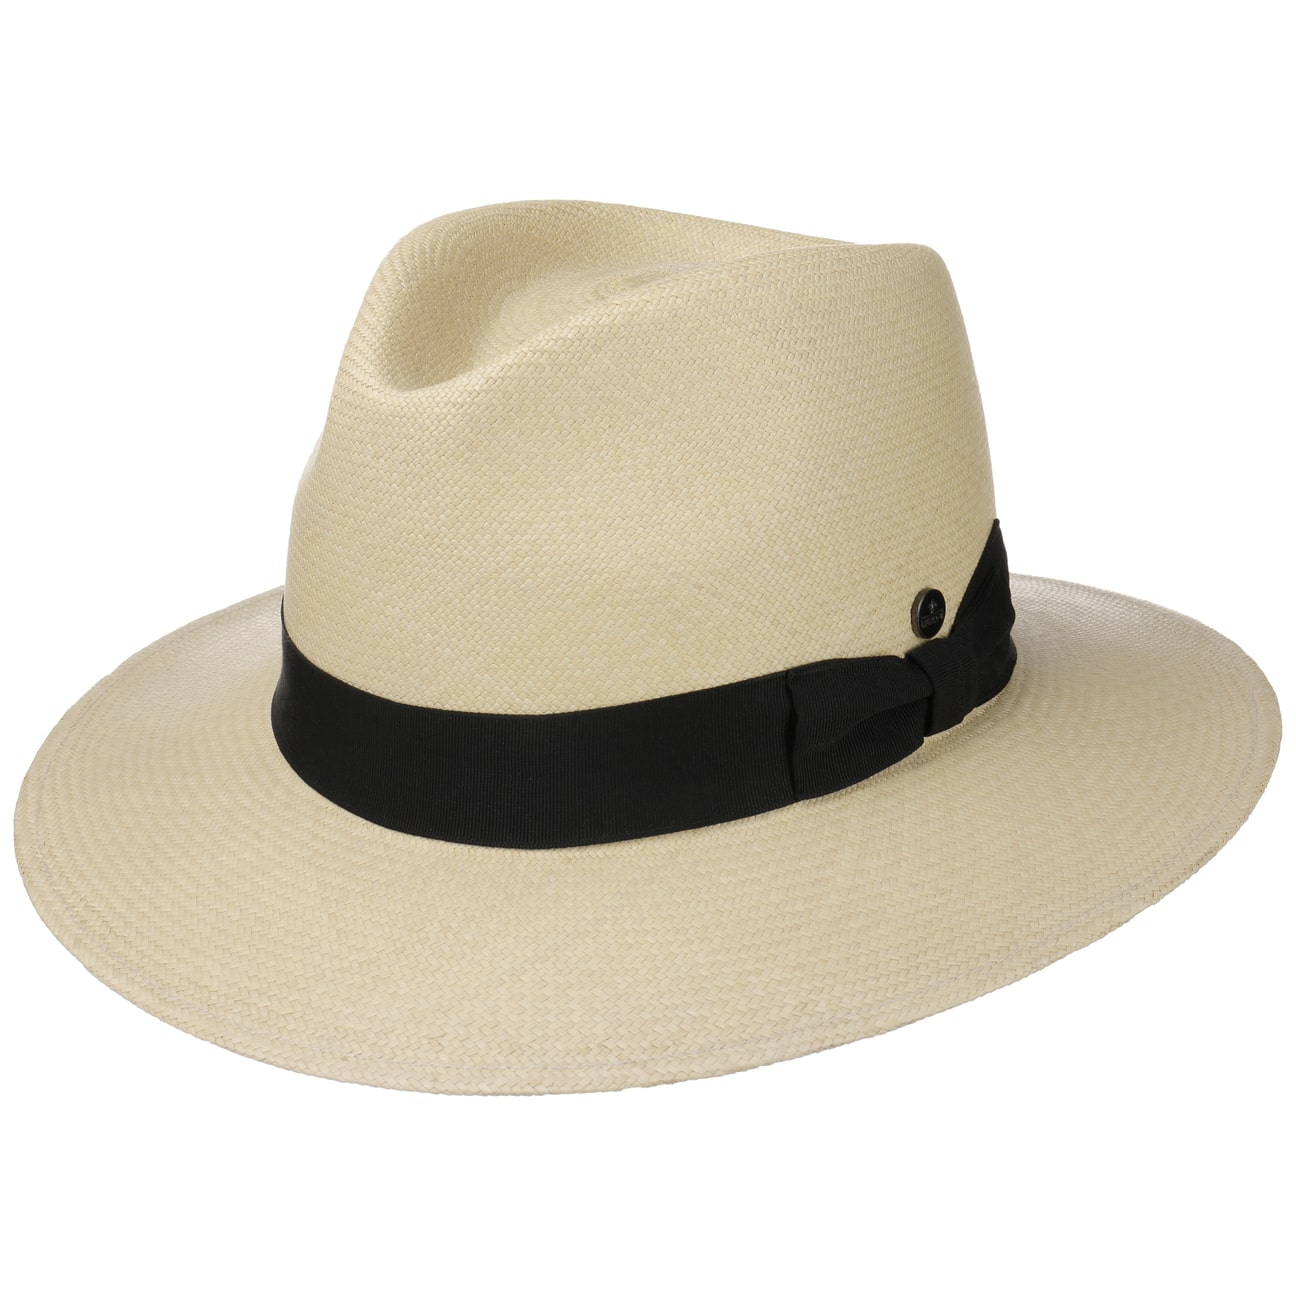 Chapeau Panama Montecristi 11/12 by Lierys  chapeau de soleil